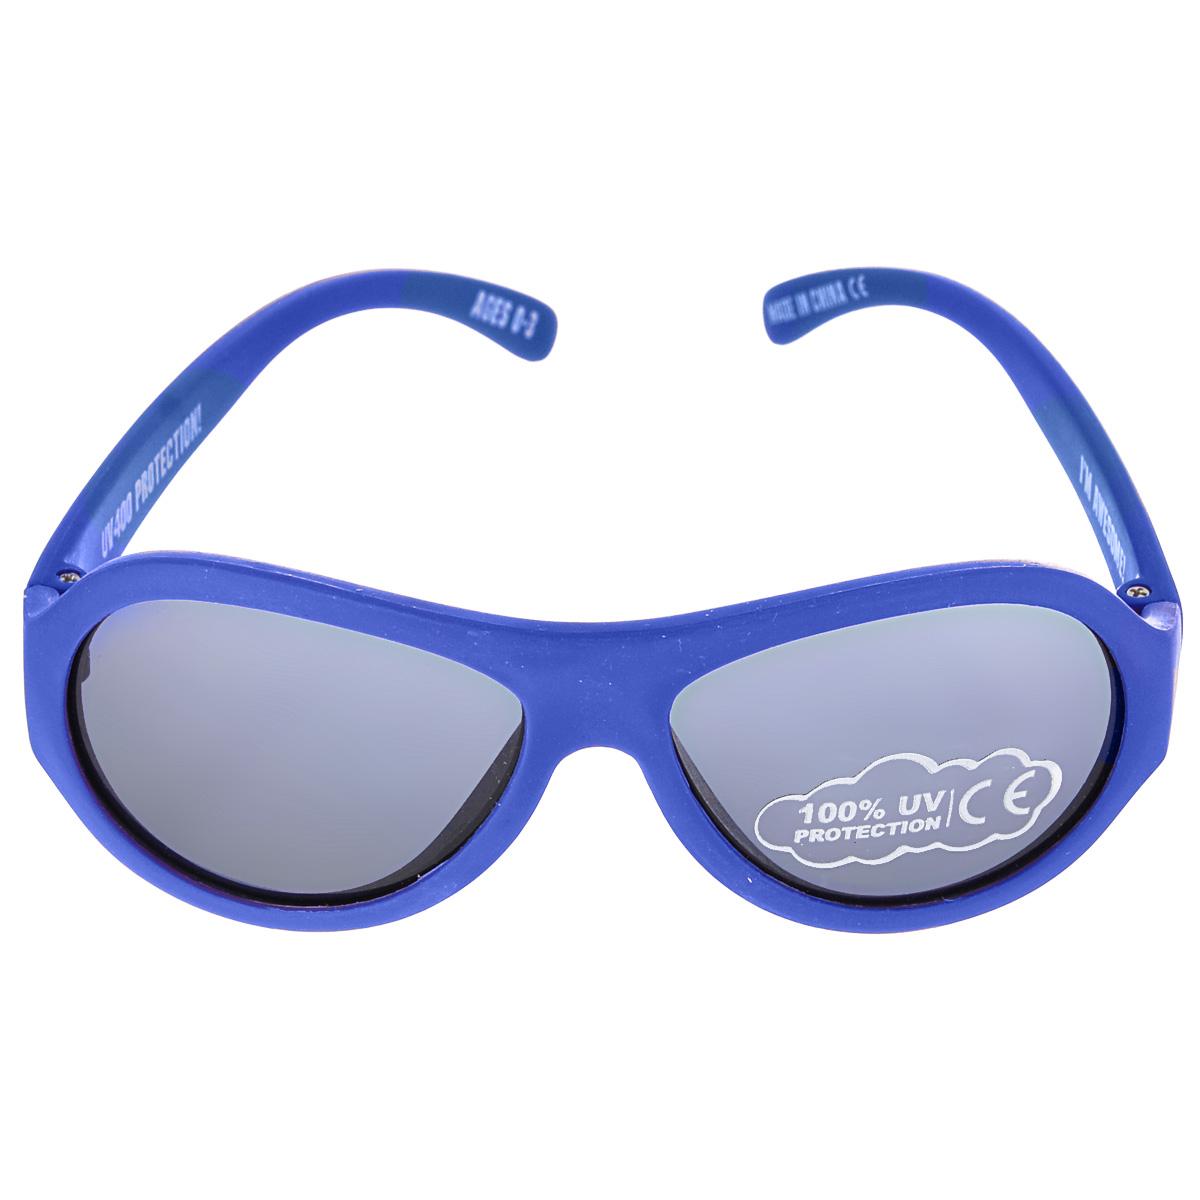 Детские солнцезащитные очки Babiators Ангелы (Angels), цвет: синий, 3-7 летBAB-006Вы делаете все возможное, чтобы ваши дети были здоровы и в безопасности. Шлемы для езды на велосипеде, солнцезащитный крем для прогулок на солнце... Но как насчет влияния солнца на глаза вашего ребенка? Правда в том, что сетчатка глаза у детей развивается вместе с самим ребенком. Это означает, что глаза малышей не могут отфильтровать УФ-излучение. Проблема понятна - детям нужна настоящая защита, чтобы глазки были в безопасности, а зрение сильным. Каждая пара солнцезащитных очков Babiators для детей обеспечивает 100% защиту от UVA и UVB. Прочные линзы высшего качества из поликарбоната не подведут в самых сложных переделках. В отличие от обычных пластиковых очков, оправа Babiators выполнена из гибкого прорезиненного материала (термопластичного эластомера), что делает их ударопрочными, их можно сгибать и крутить - они не сломаются и вернутся в прежнюю форму. Не бойтесь, что ребенок сядет на них - они все выдержат. Будьте уверены, что очки...